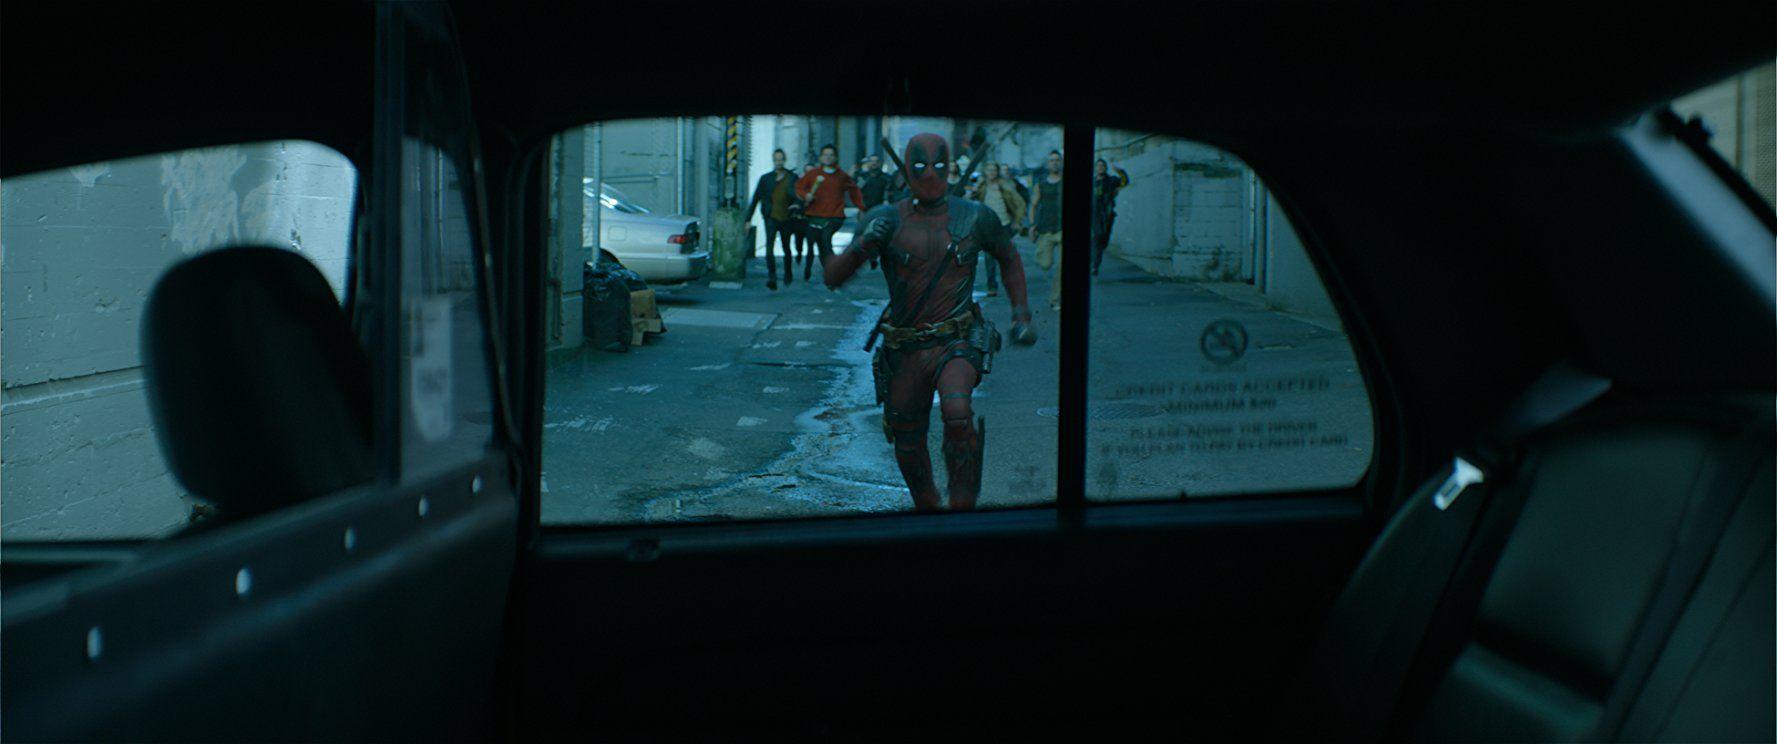 Ryan Reynolds In Deadpool 2 2018 Ver Hd Ver Online Deadpool 2